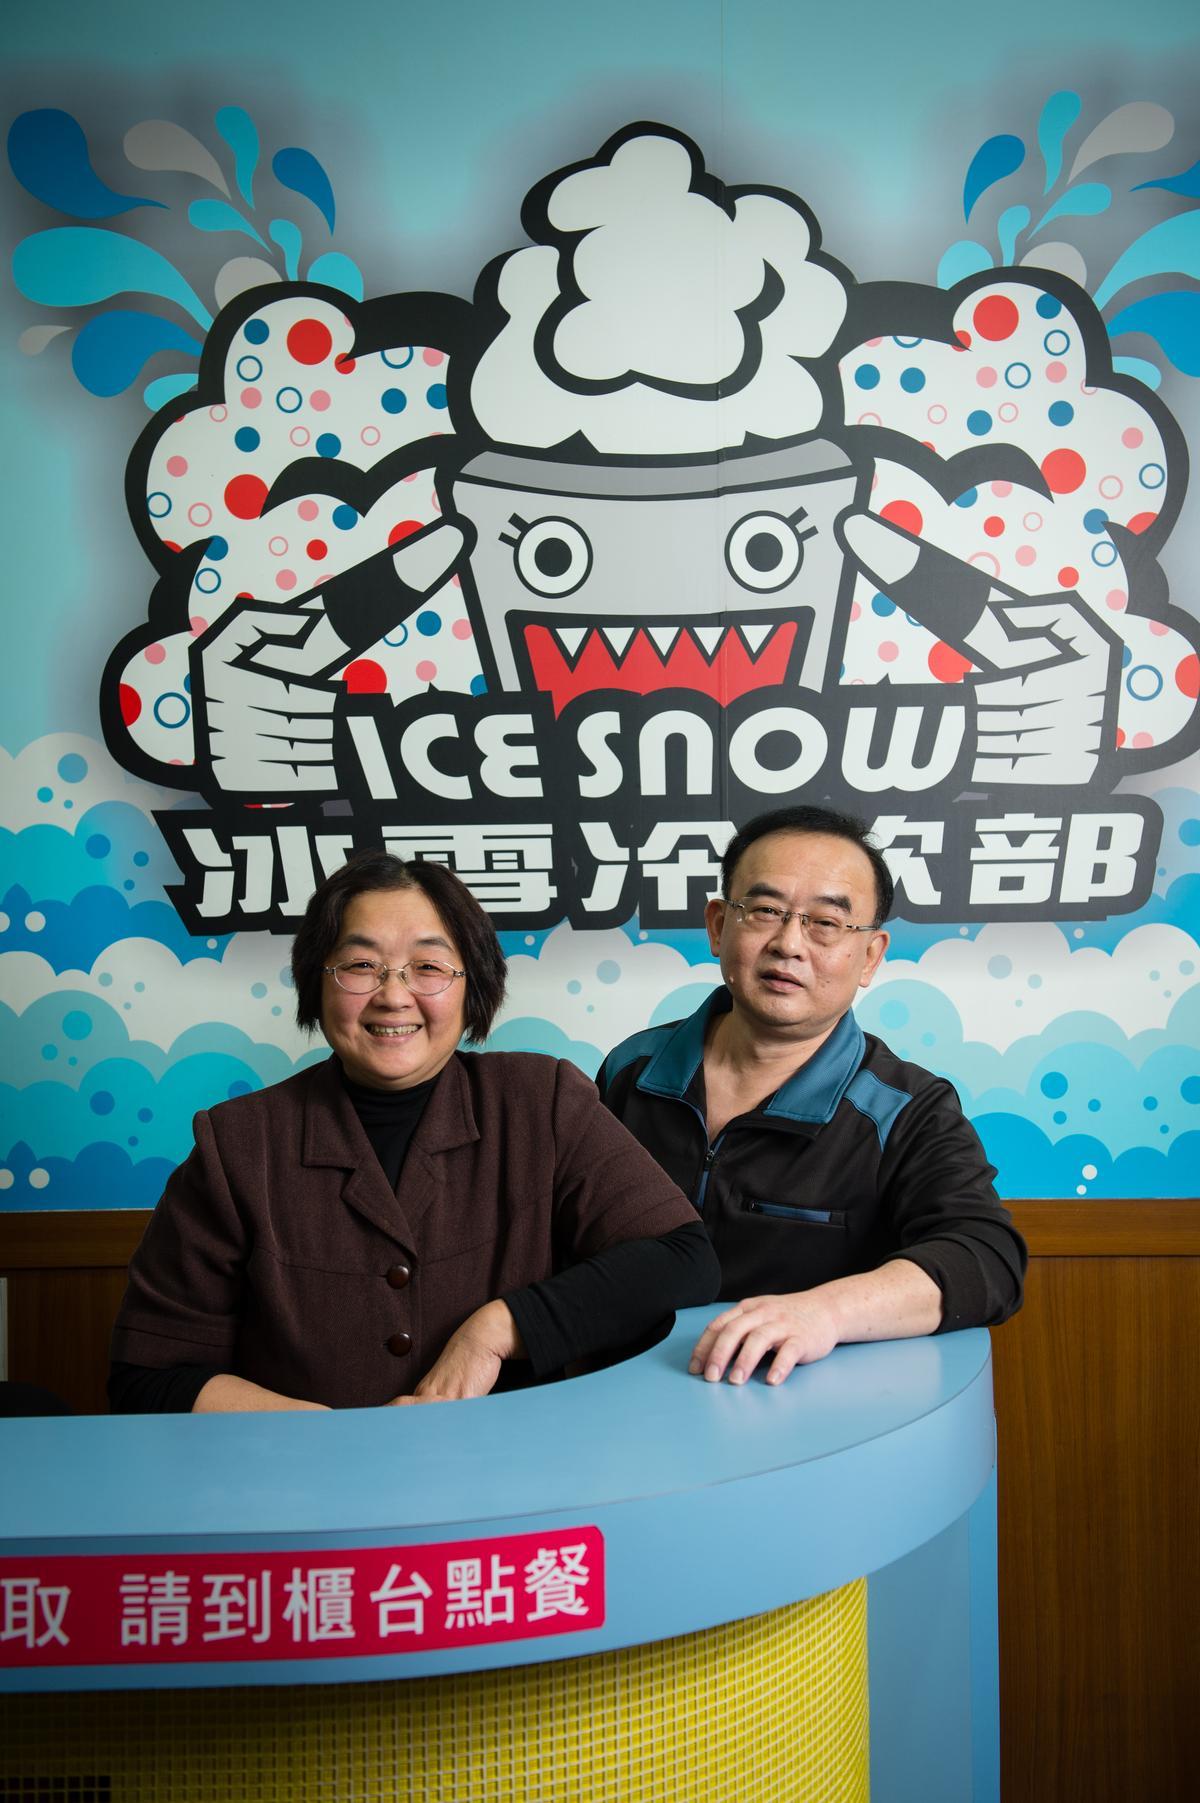 冰雪家族的三姐賴麗卿(左)及研發雪花冰磚的四弟賴健國(右),手足感情好,也是冰雪家族的靈魂人物。